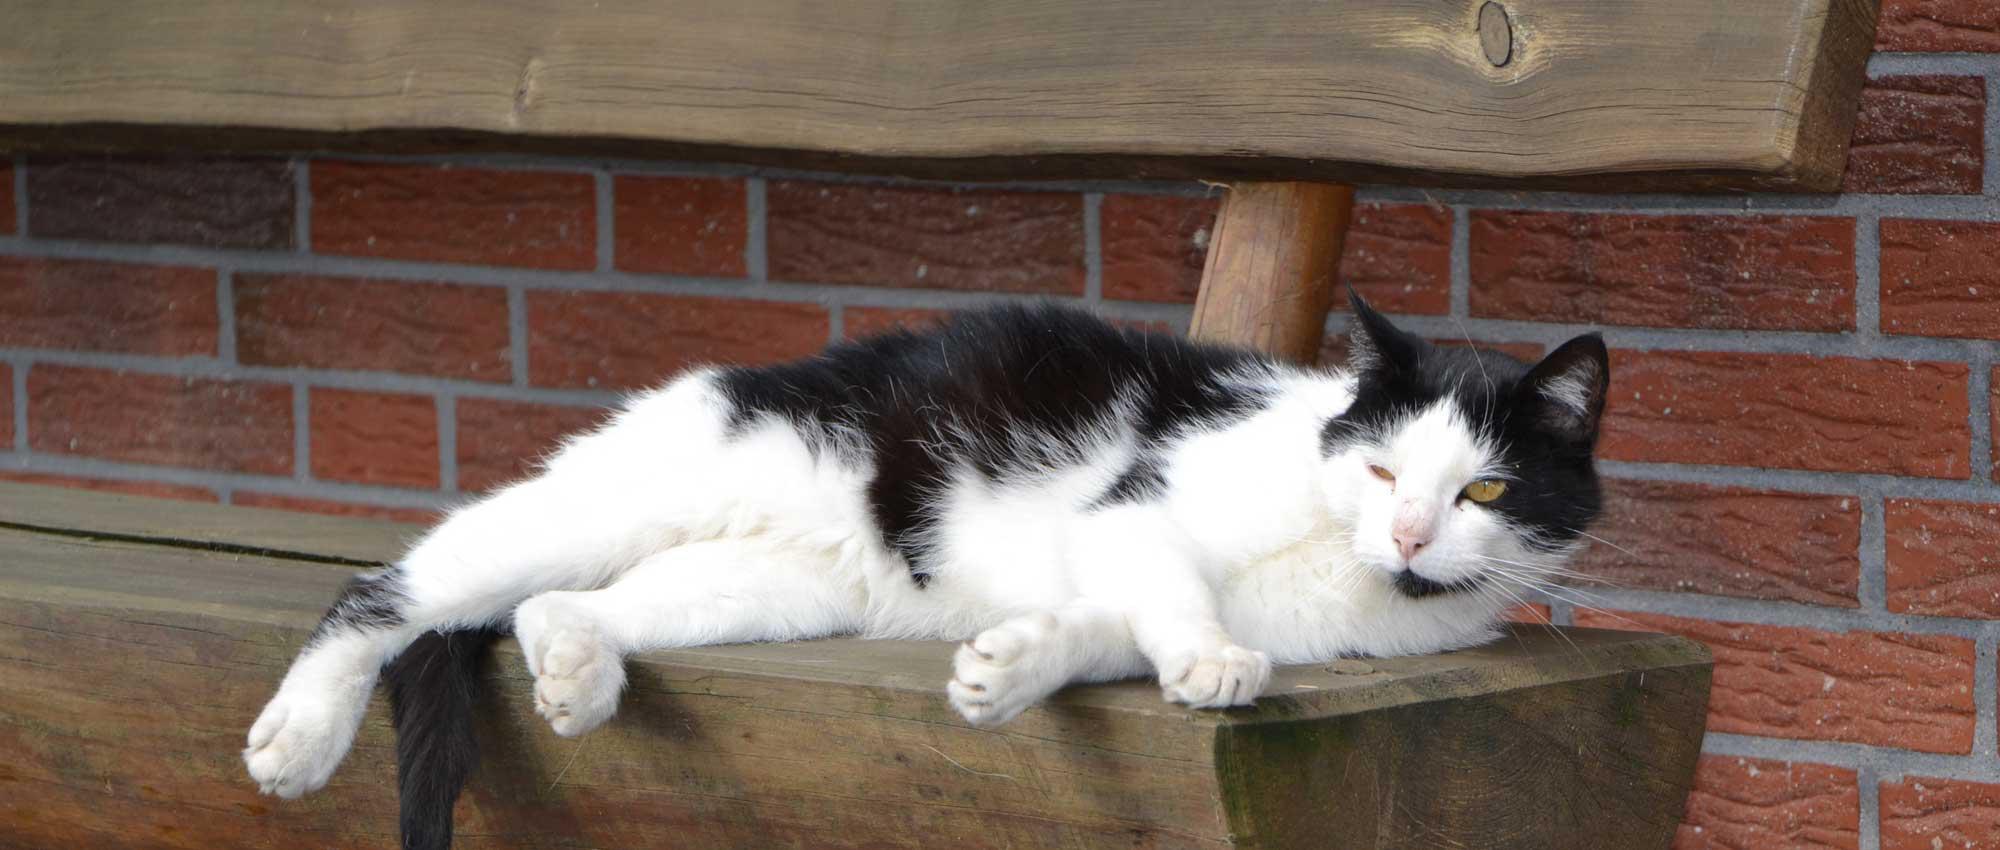 Am Wiesenhof Katze